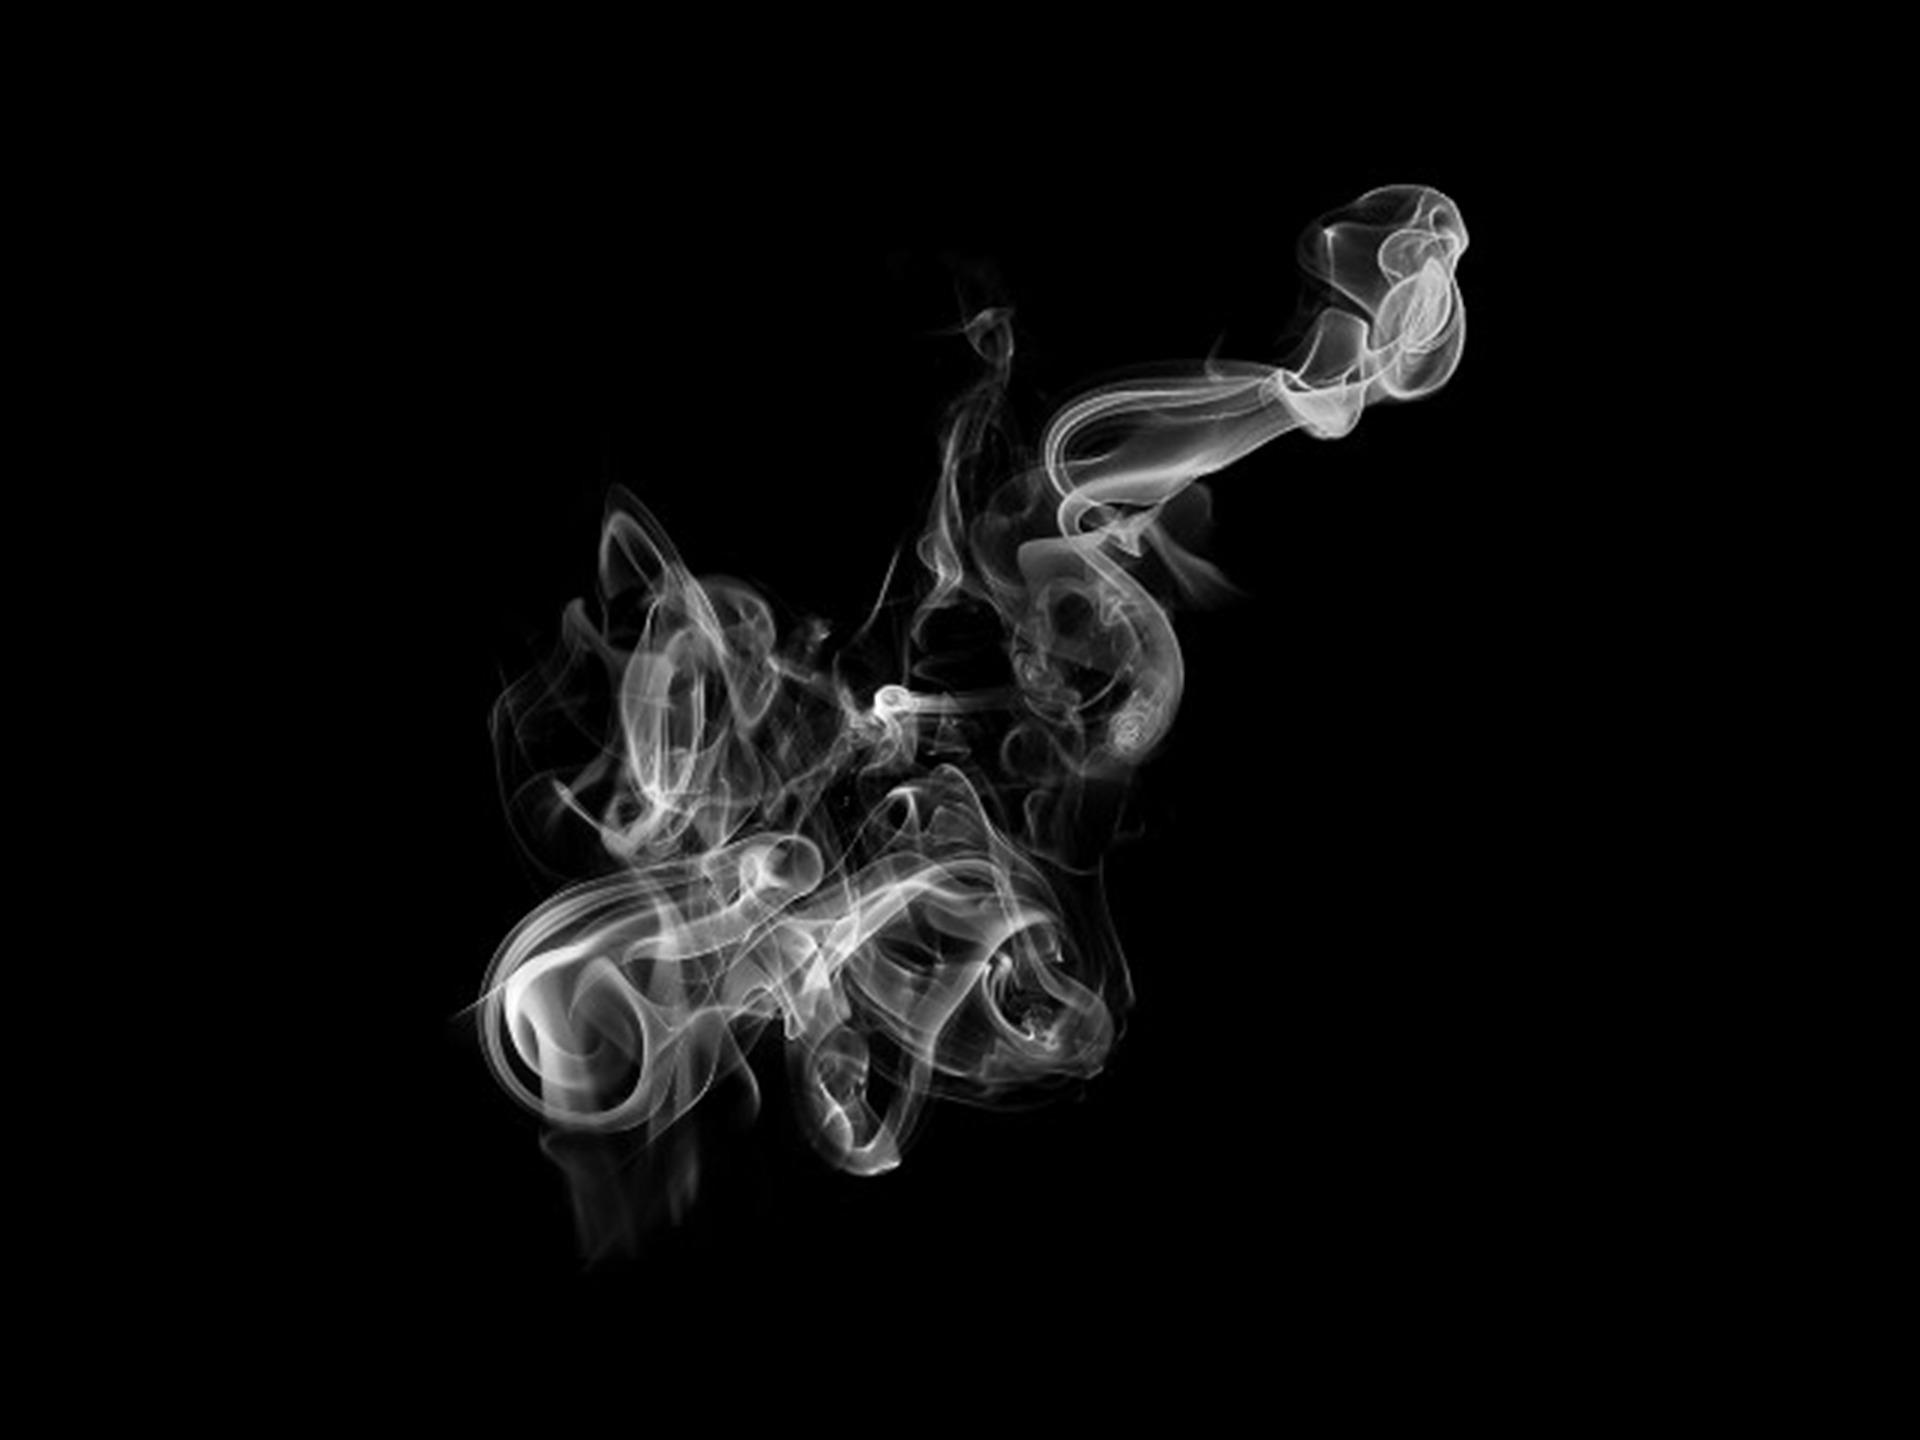 smoke-2214167_1920.jpg